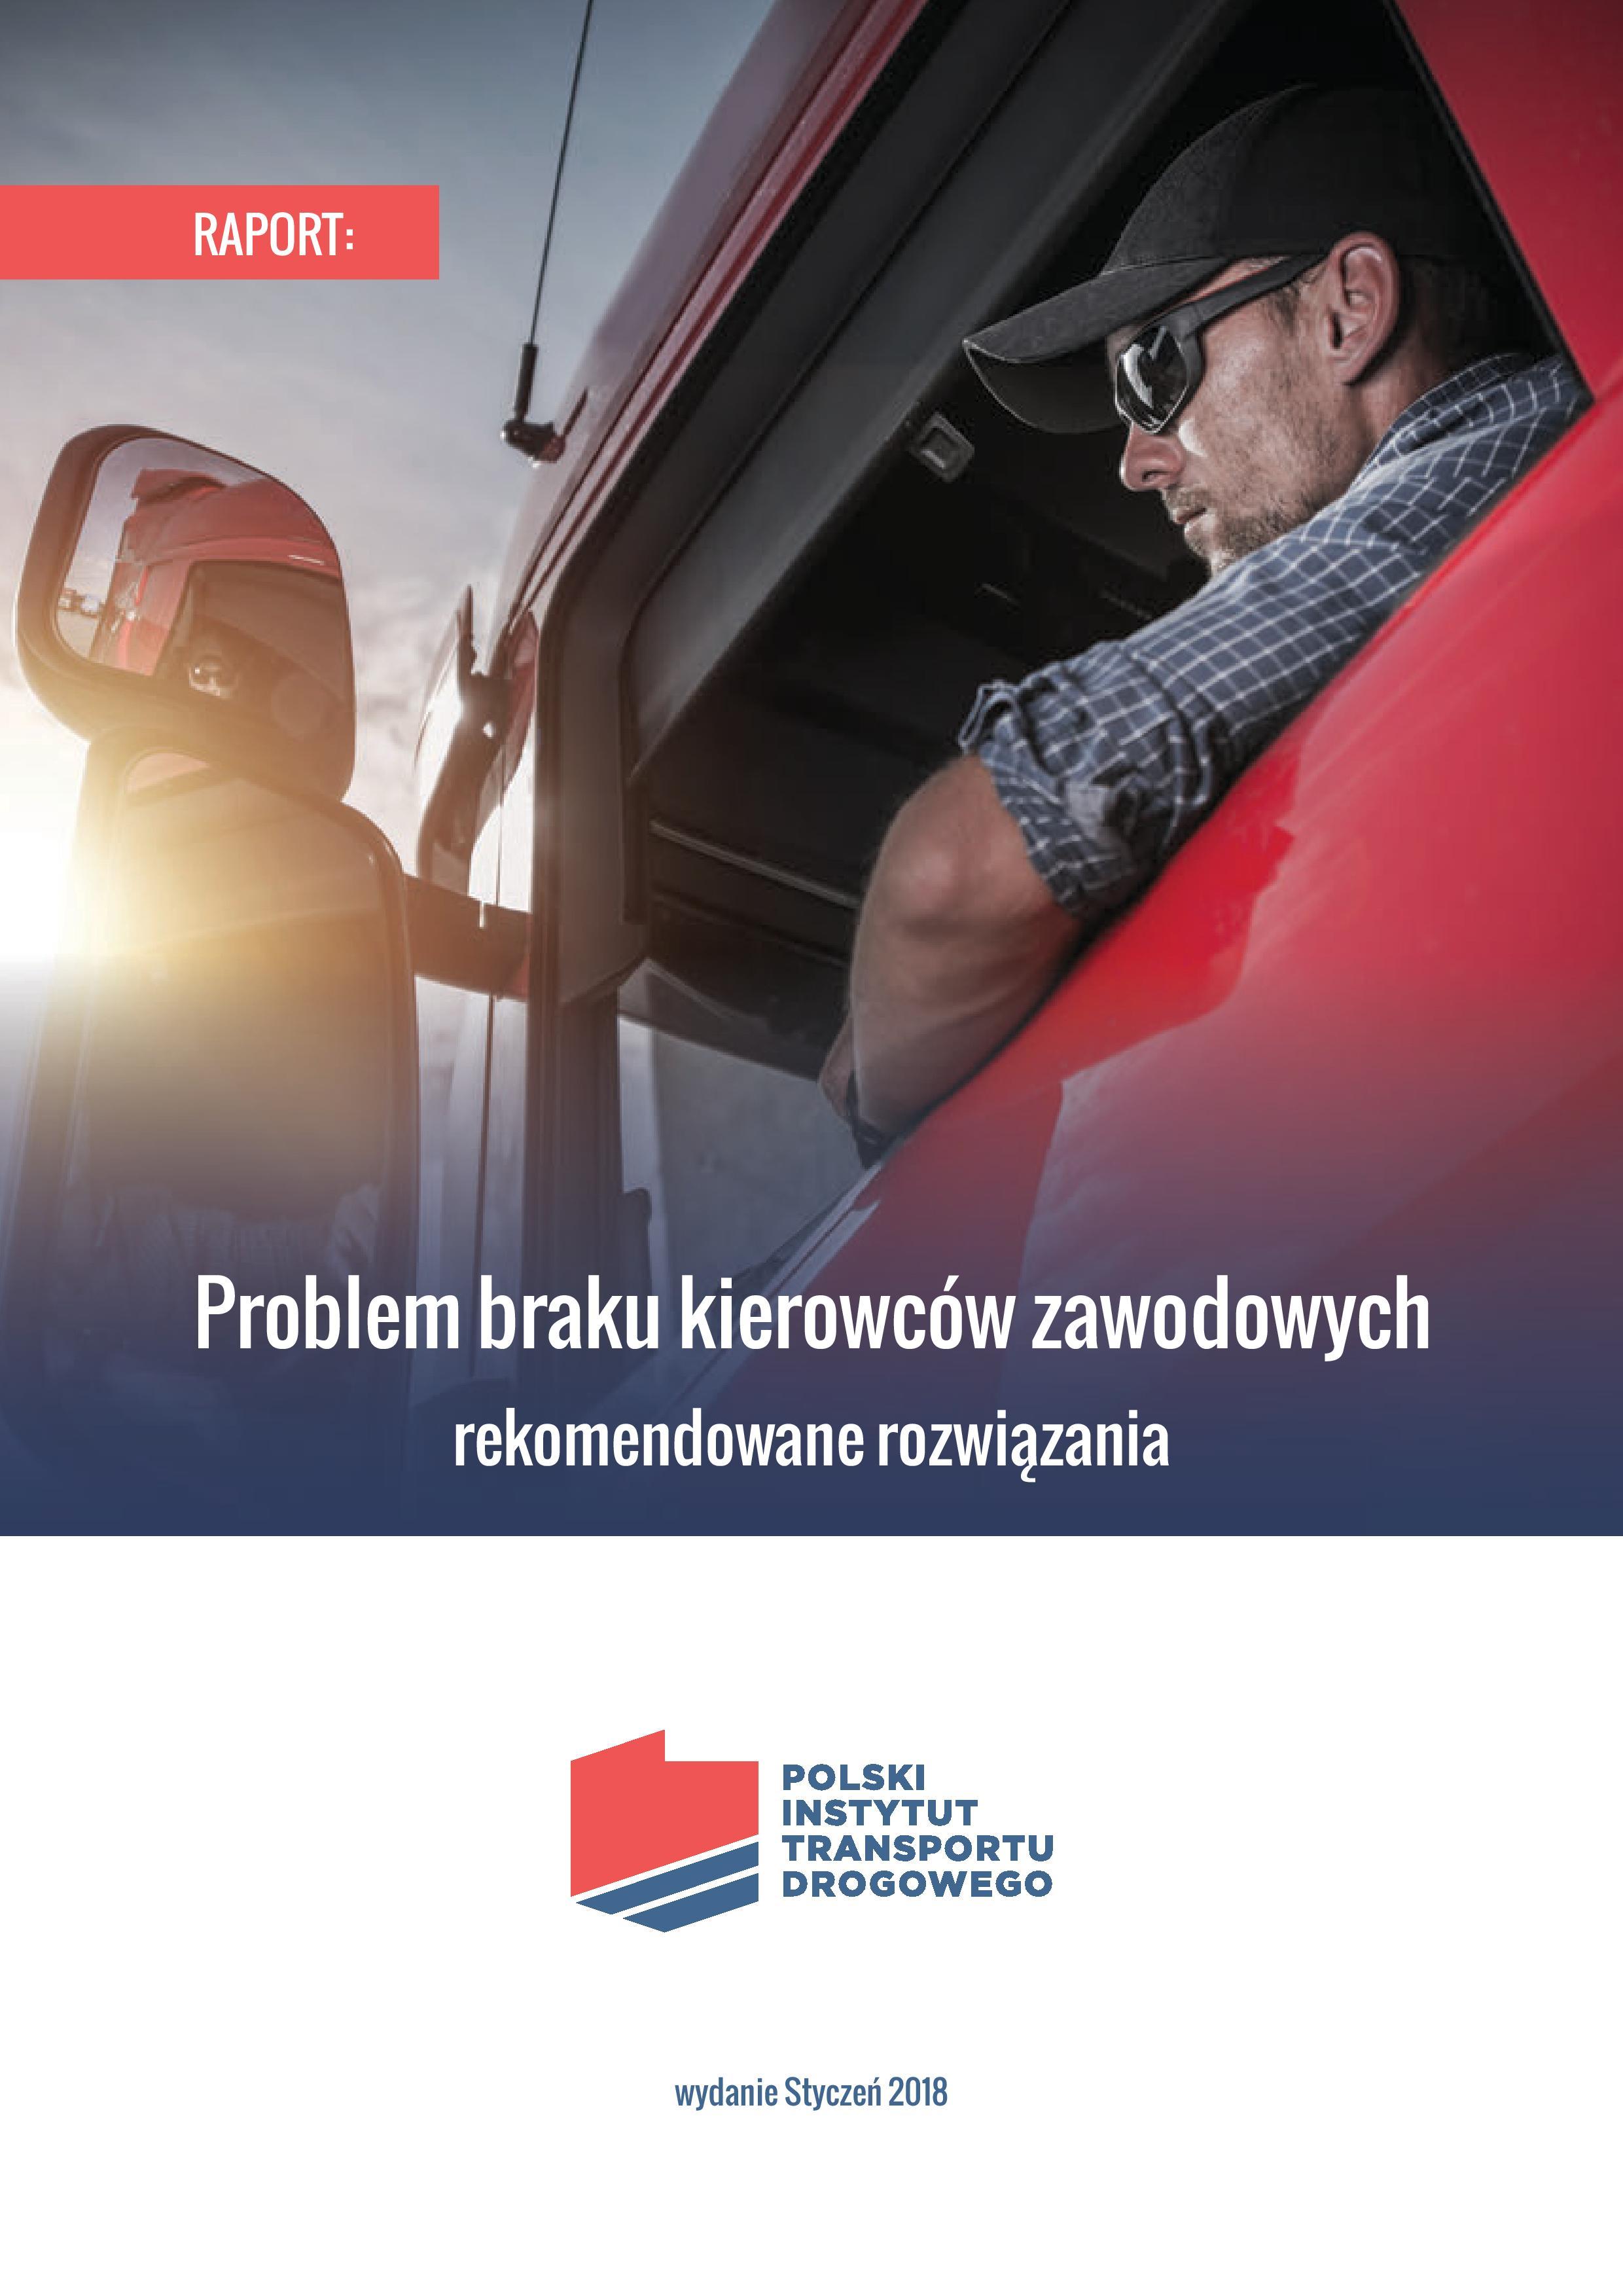 Problem braku kierowców - rekomendowane rozwiązania